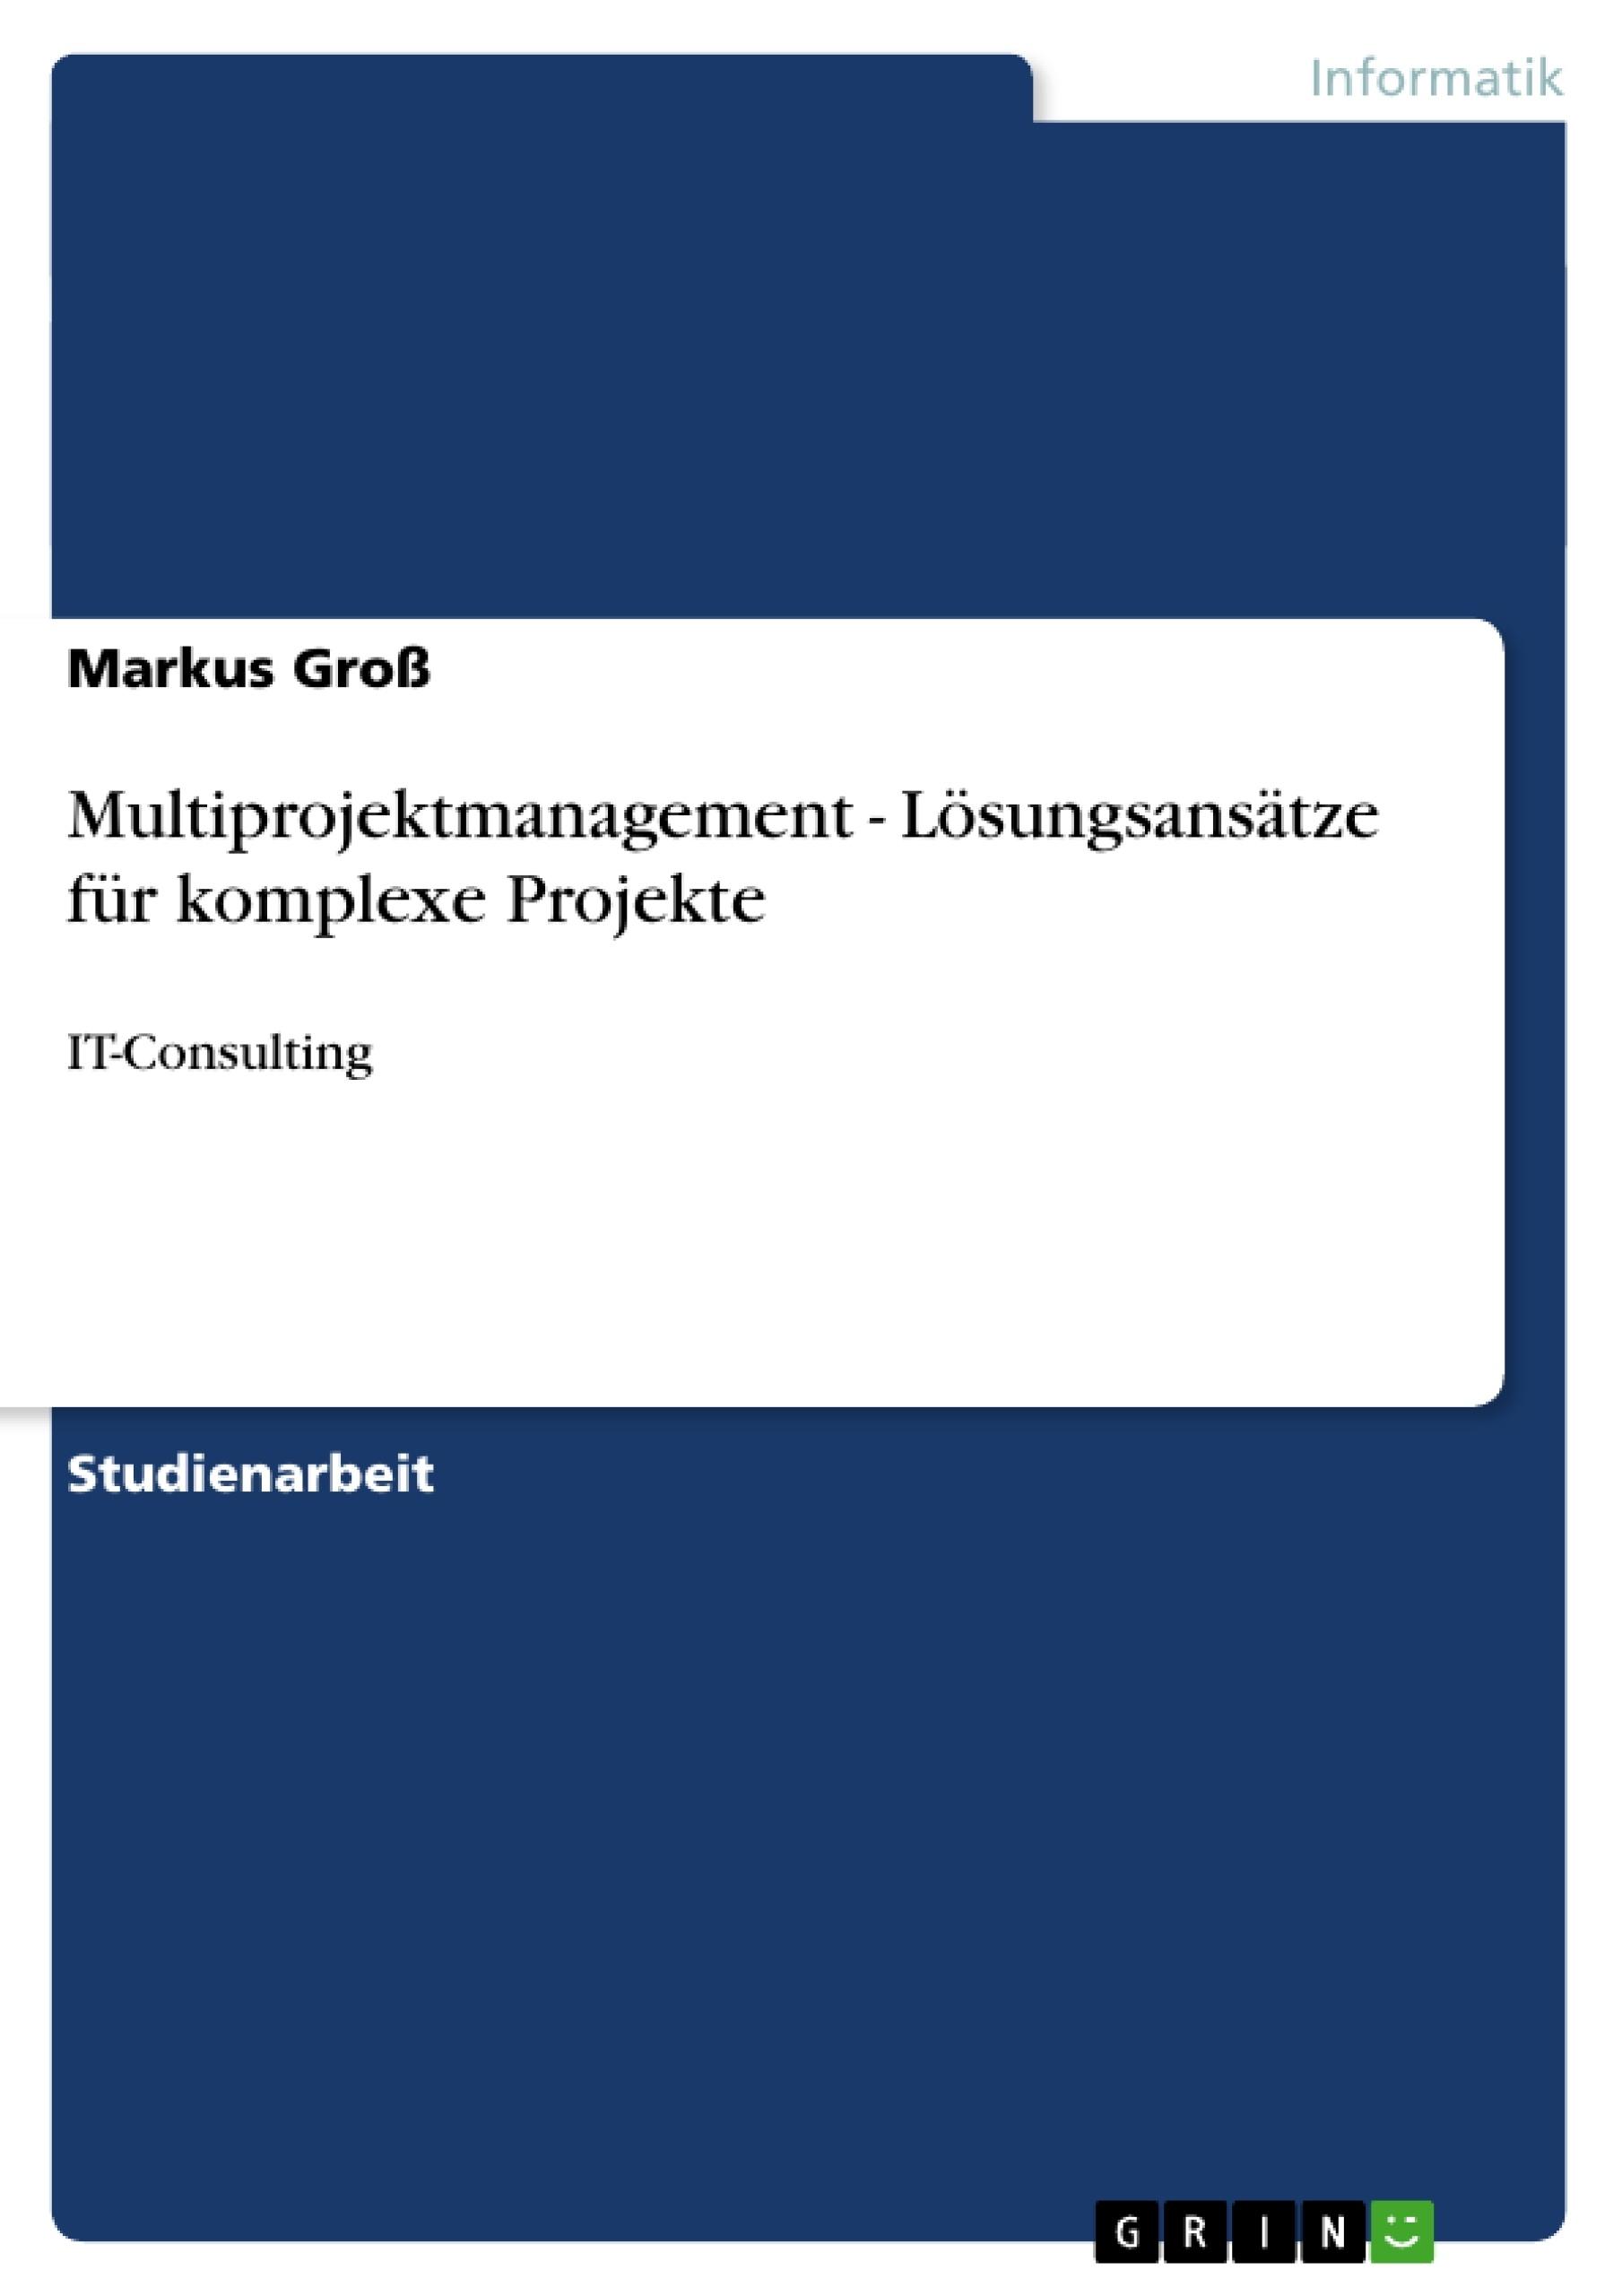 Titel: Multiprojektmanagement - Lösungsansätze für komplexe Projekte